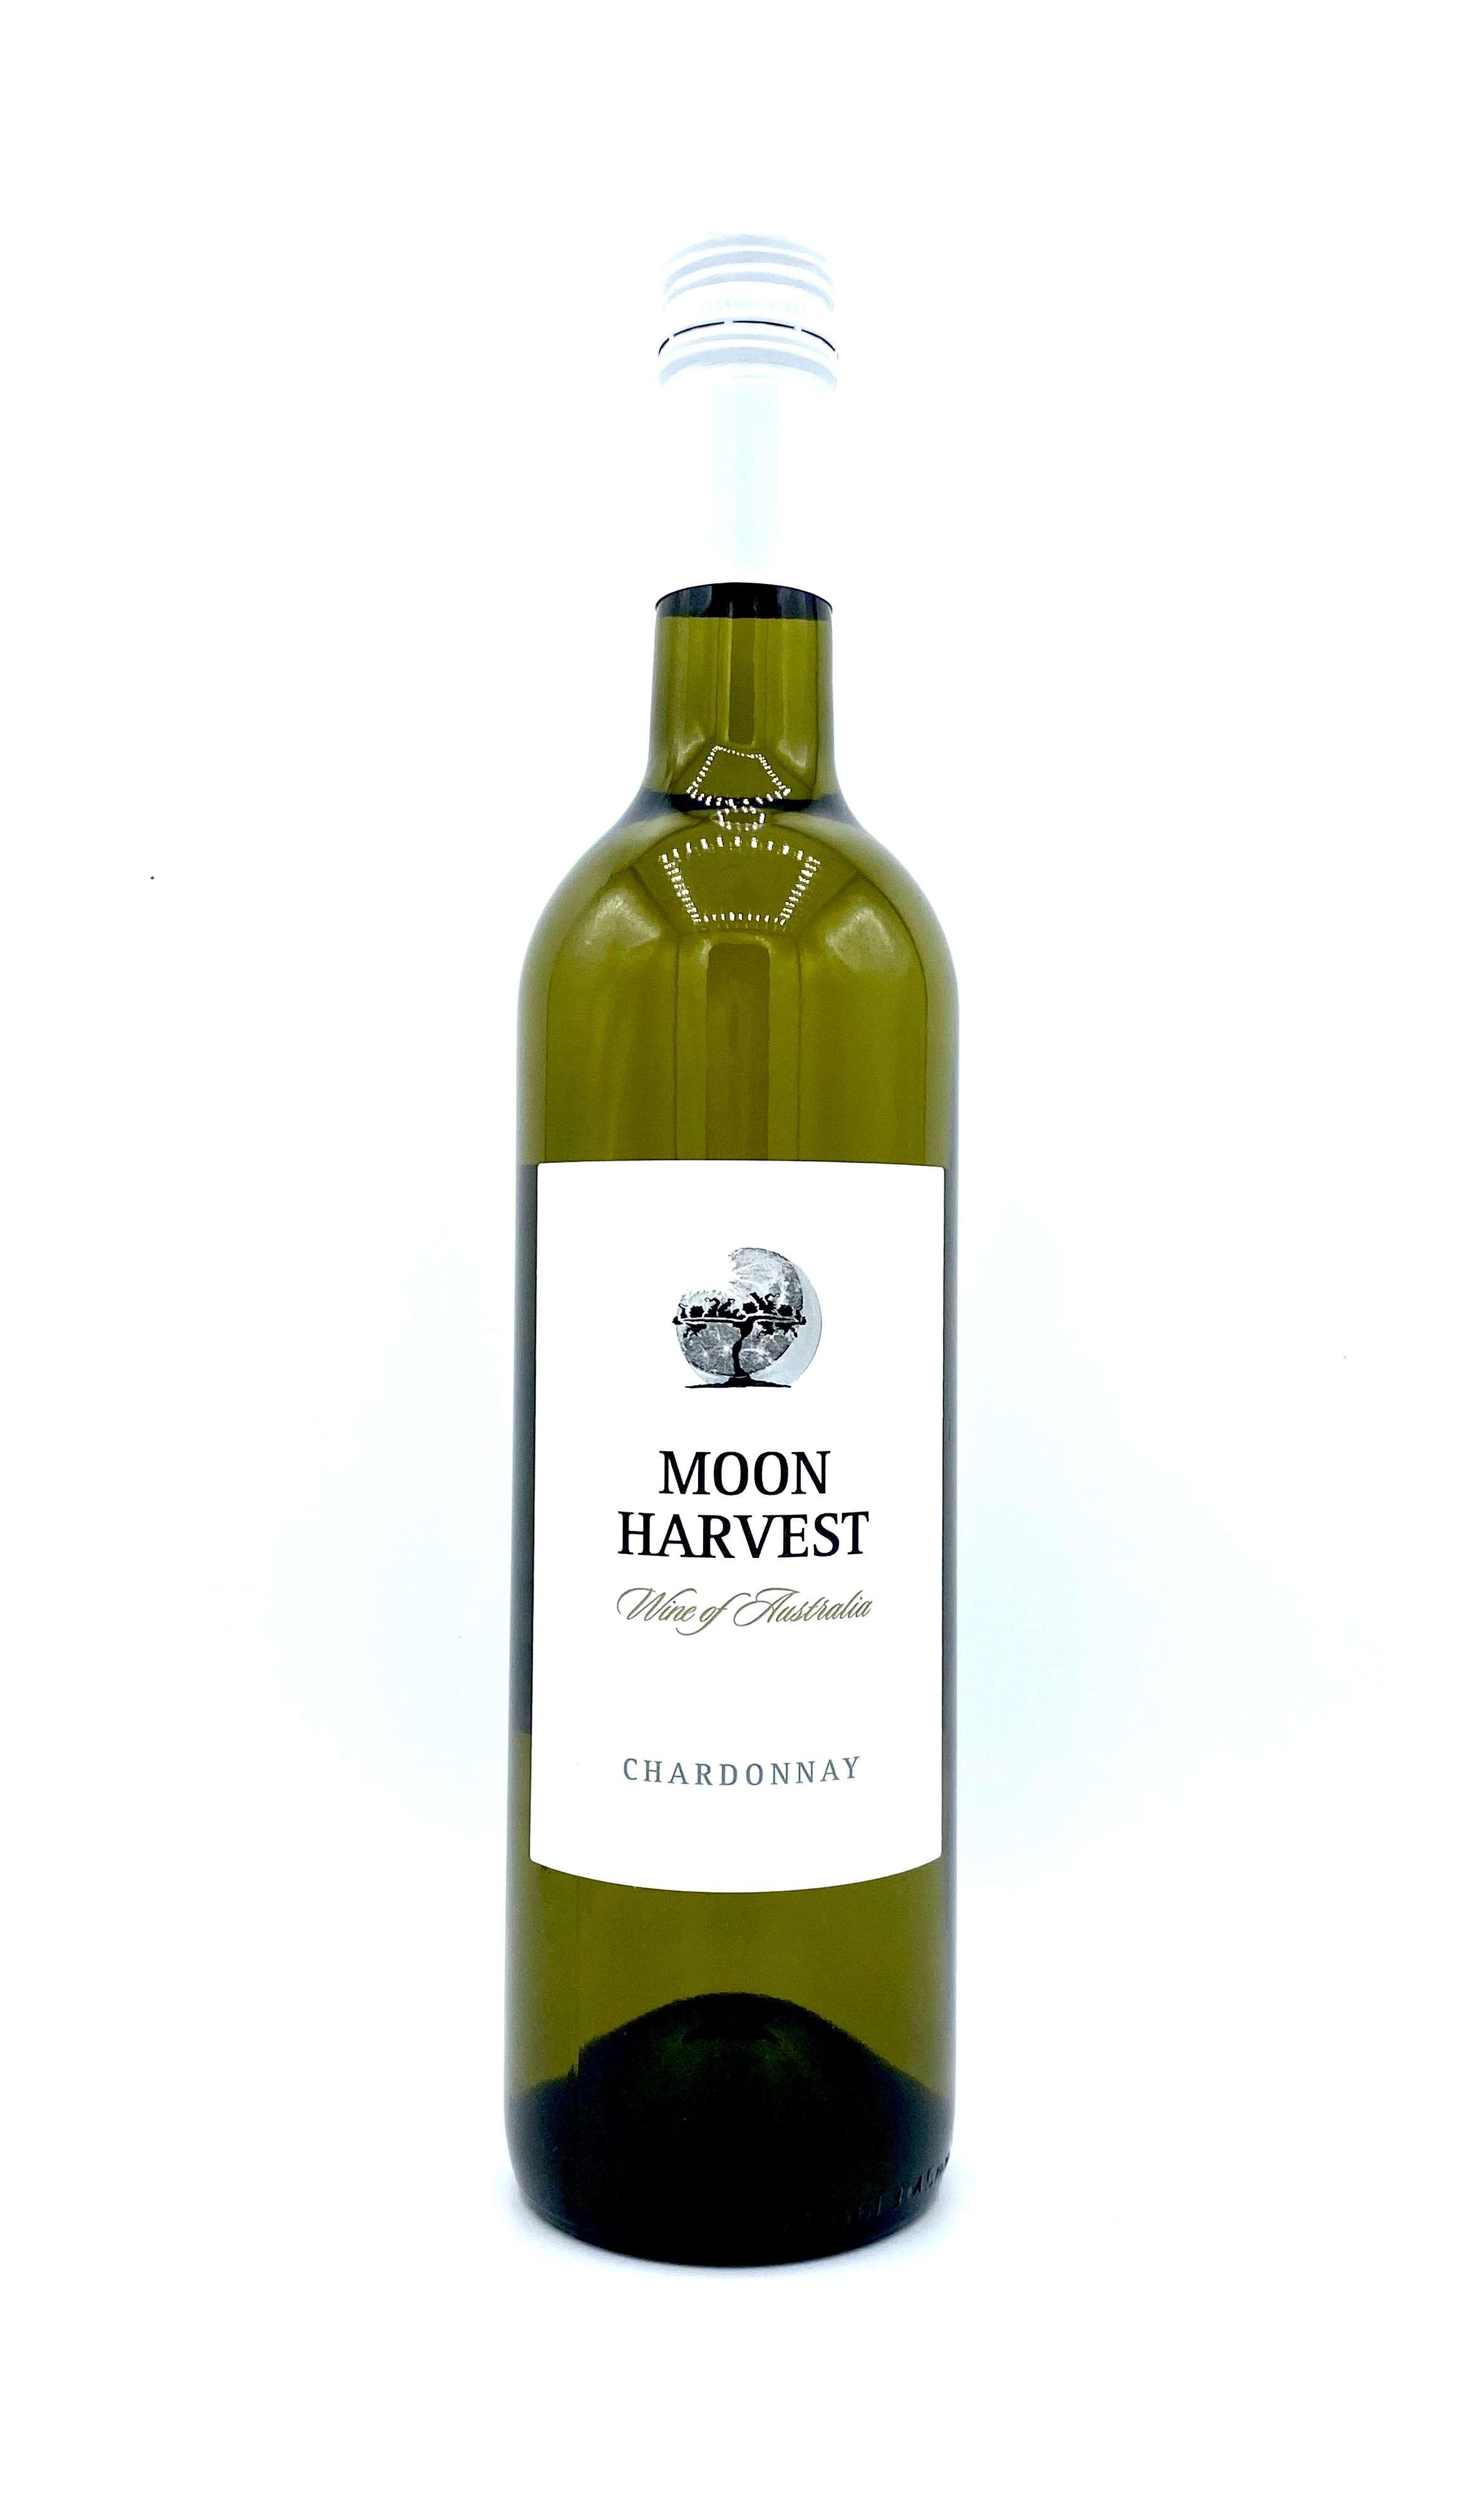 Moon Harvest Chardonnay Wines